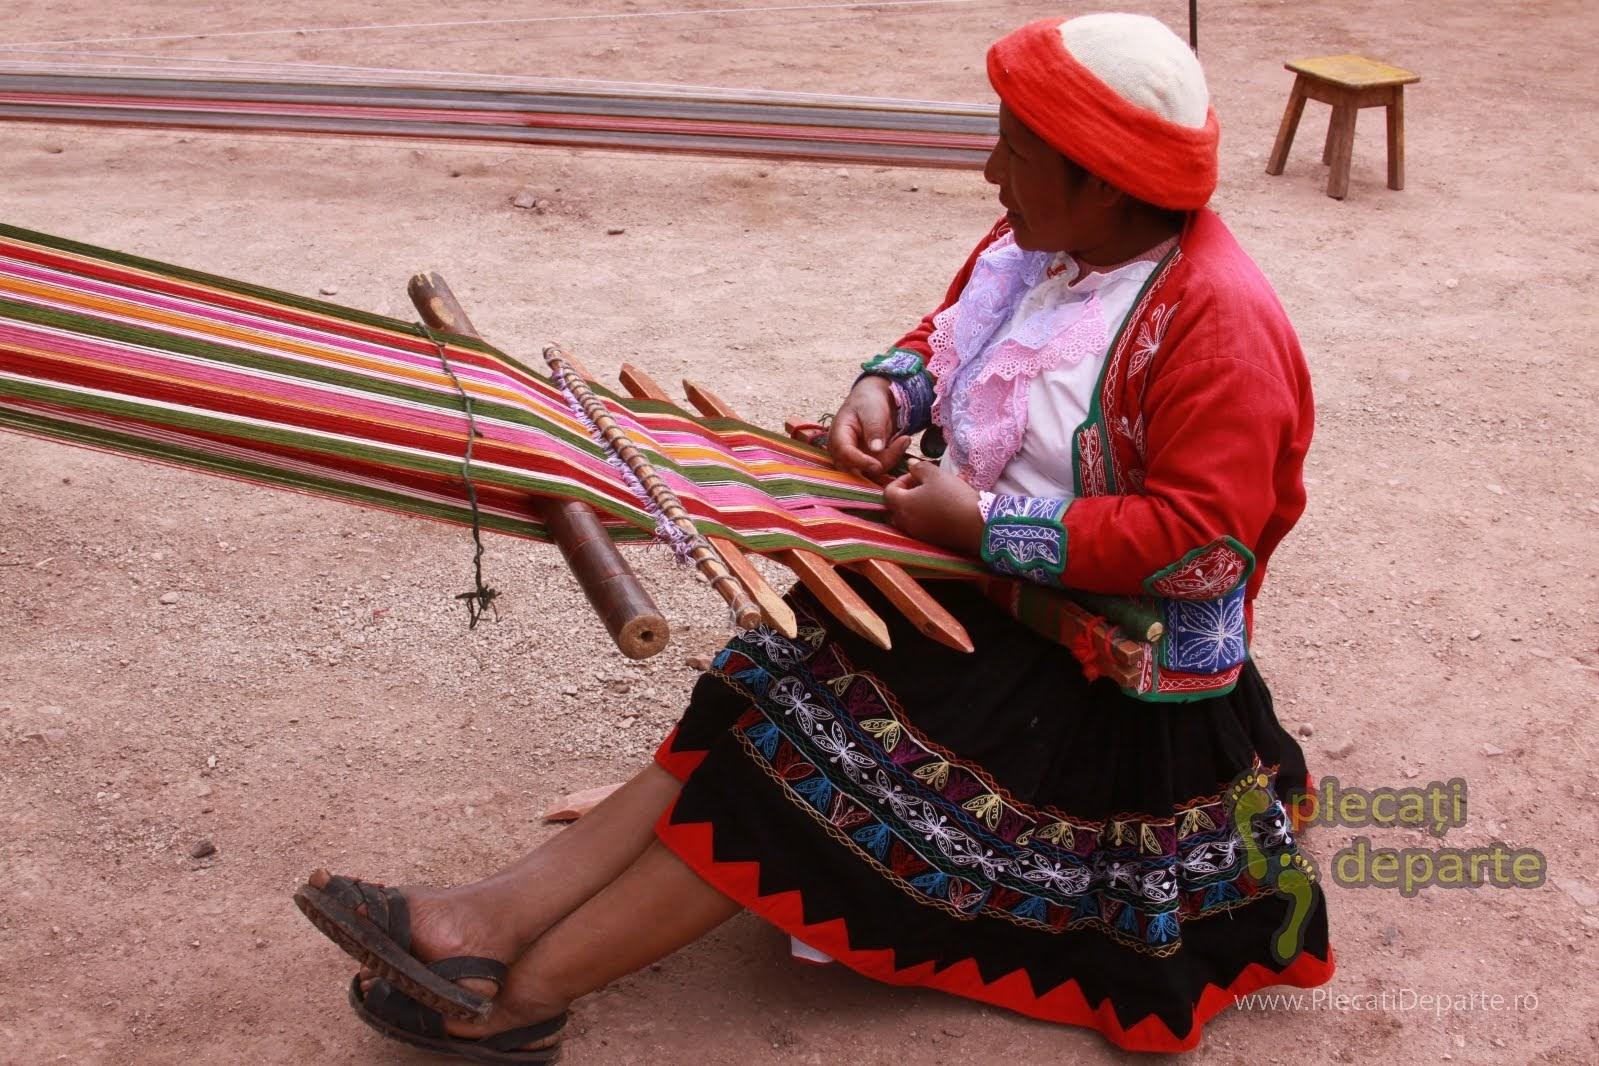 Femeie din Peru care tese in Ccaccaccollo, in timpul vizitei la o cooperativă mestesugareasca ce incearca sa pastreze vie, arta tesutului tradițional quechuan. Cooperativa de tesut din Ccaccaccollo e un obiectiv turistic din Valea Sacra, Peru